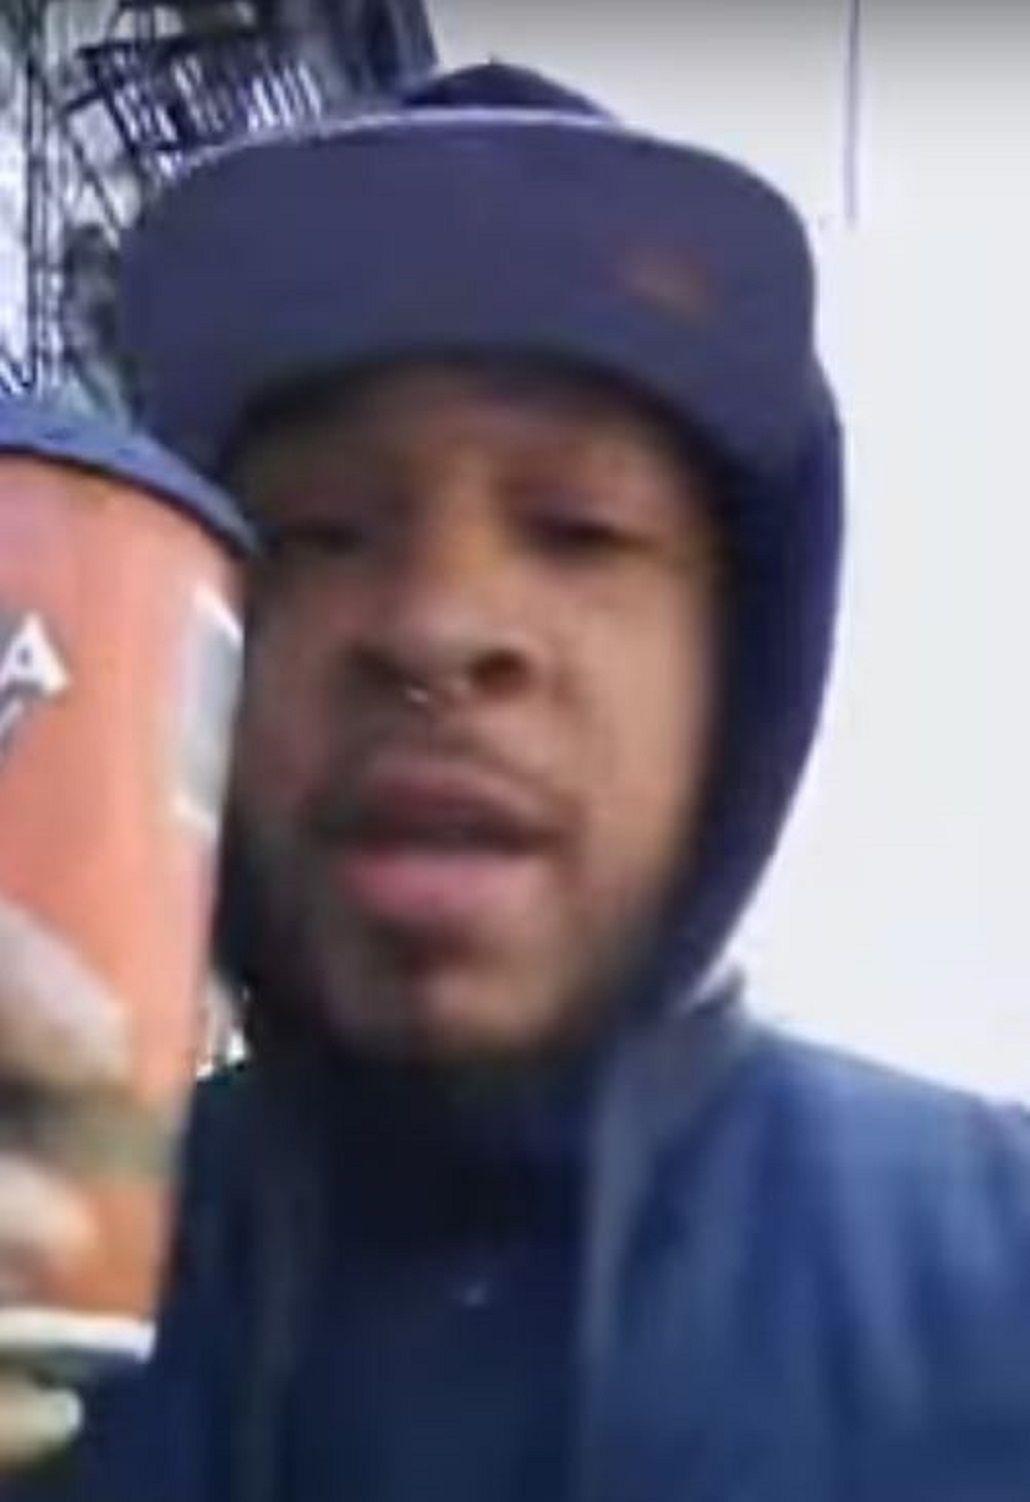 VIDEO: Un hombre de color caminaba por la calle con un café y su celular y lo arrestaron